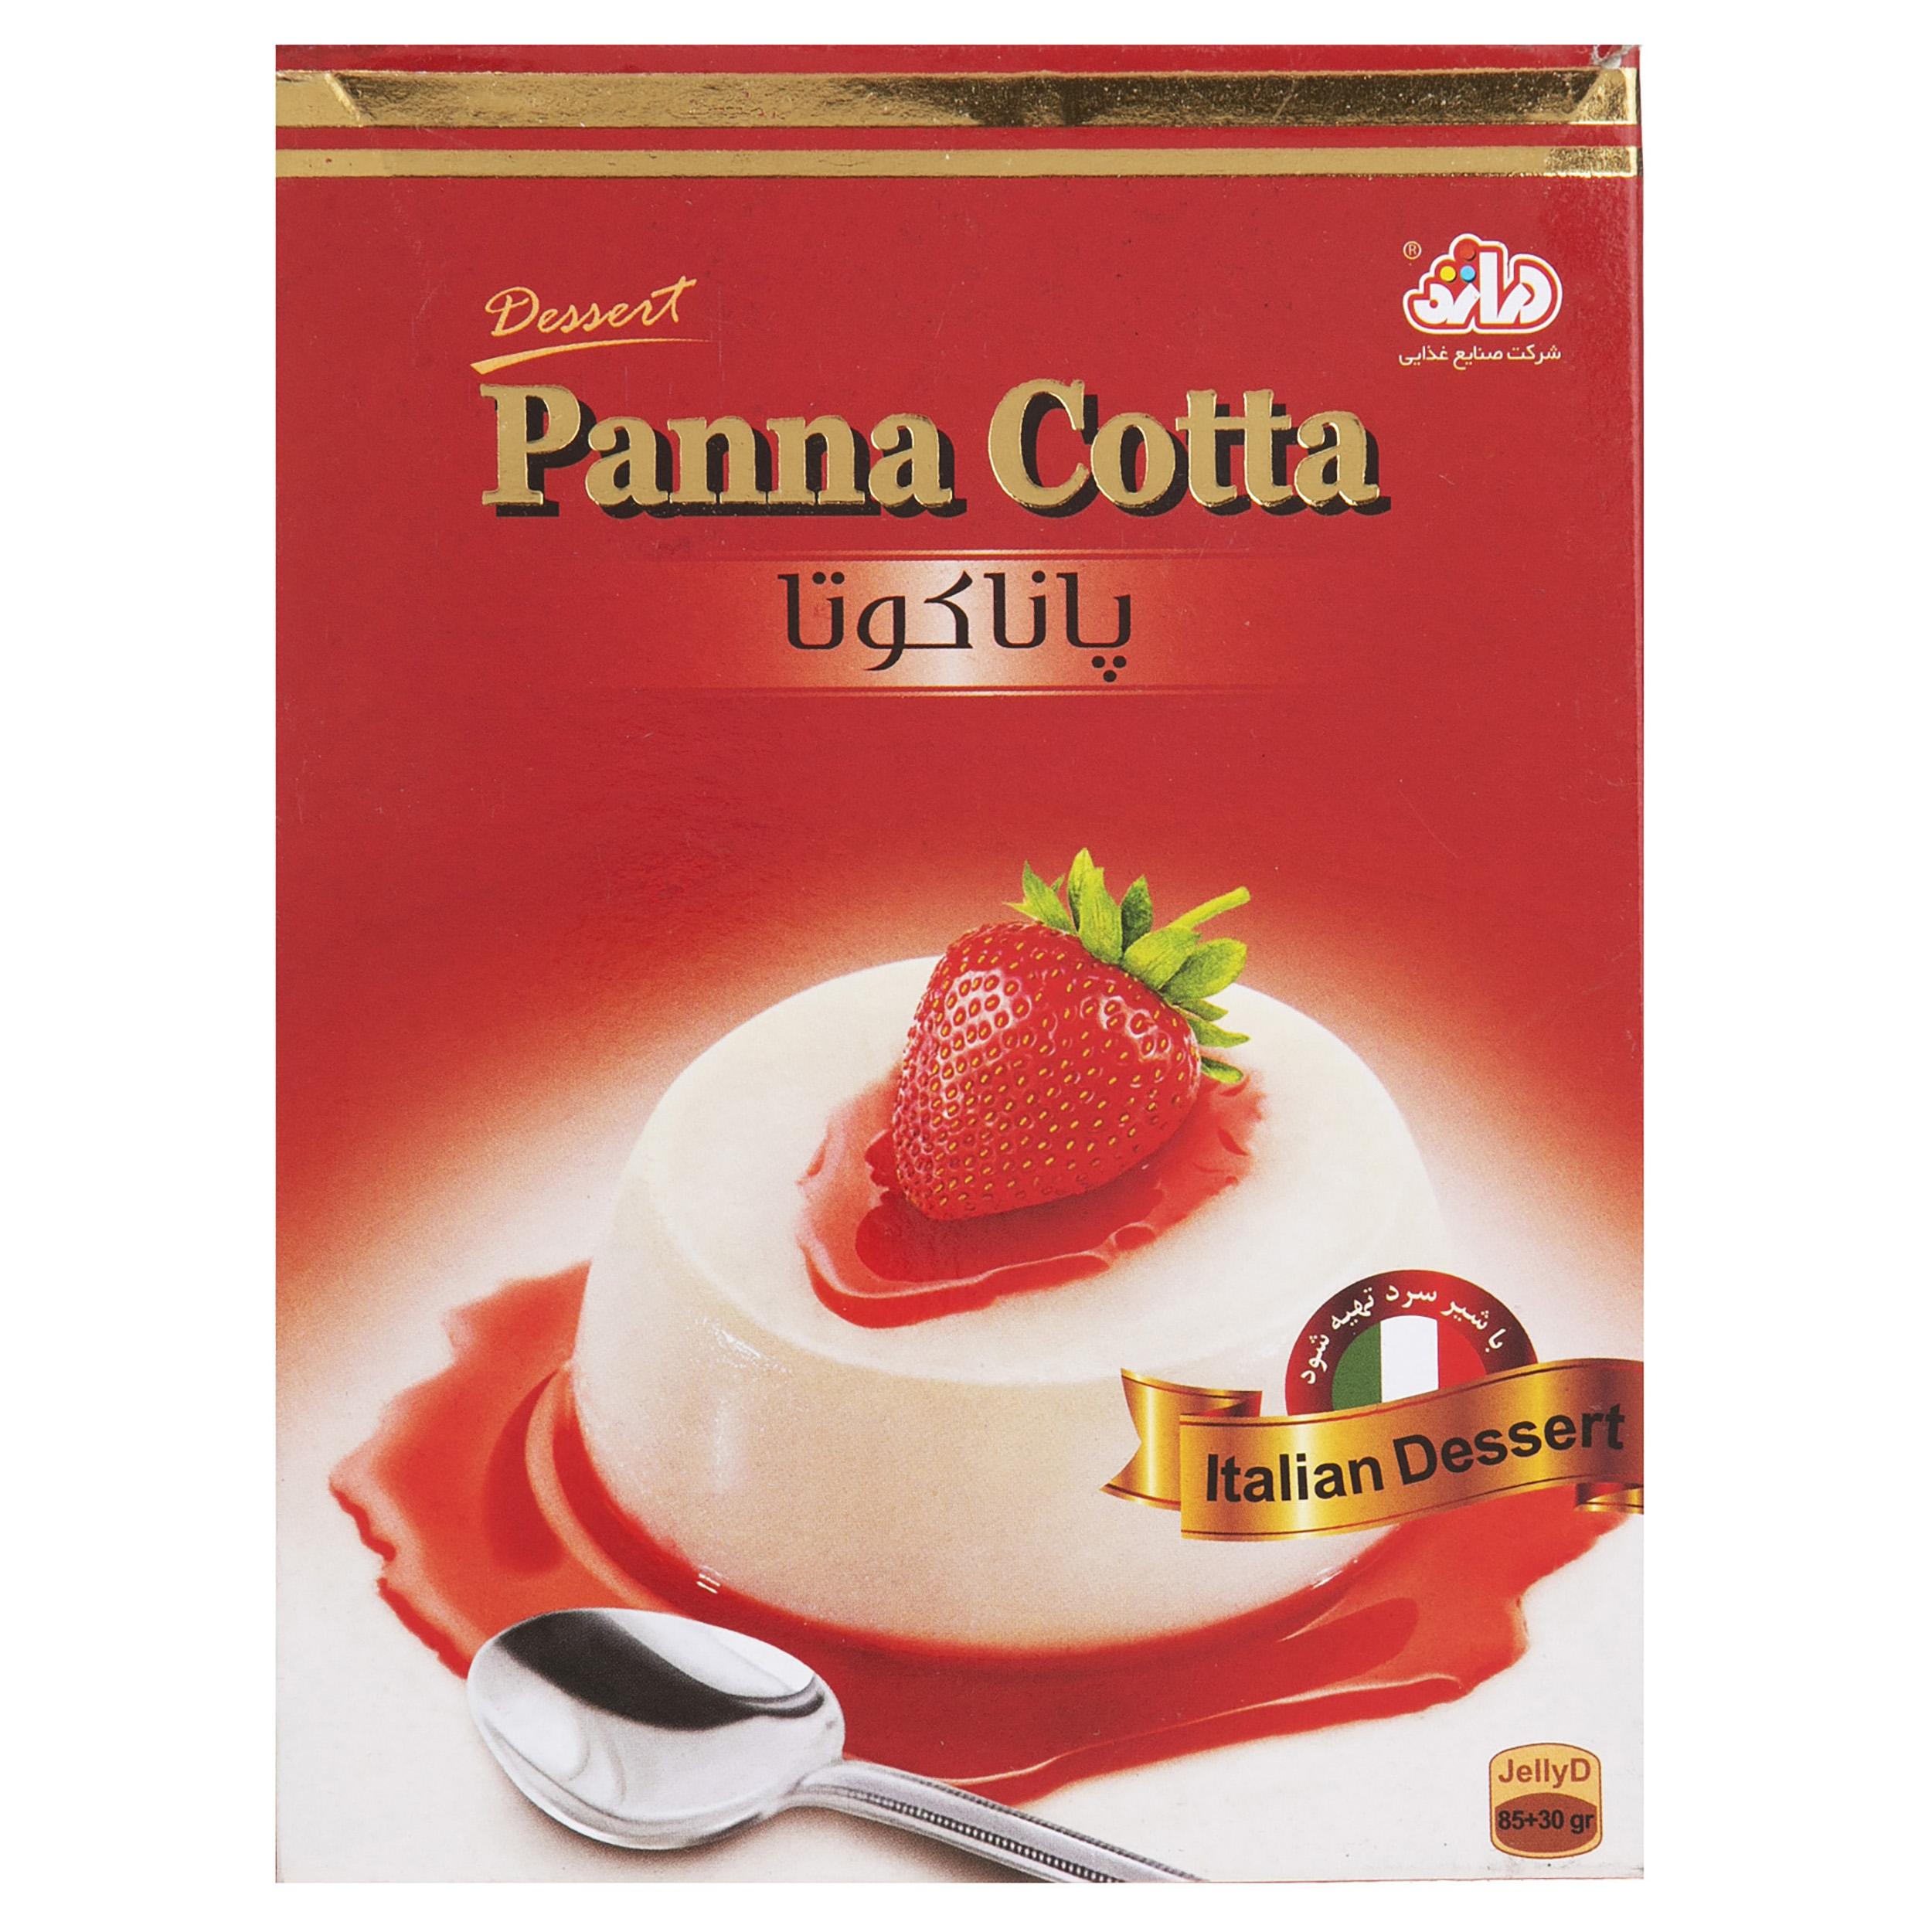 خرید                      دسر ایتالیایی پاناکوتا دراژه وزن 115 گرم